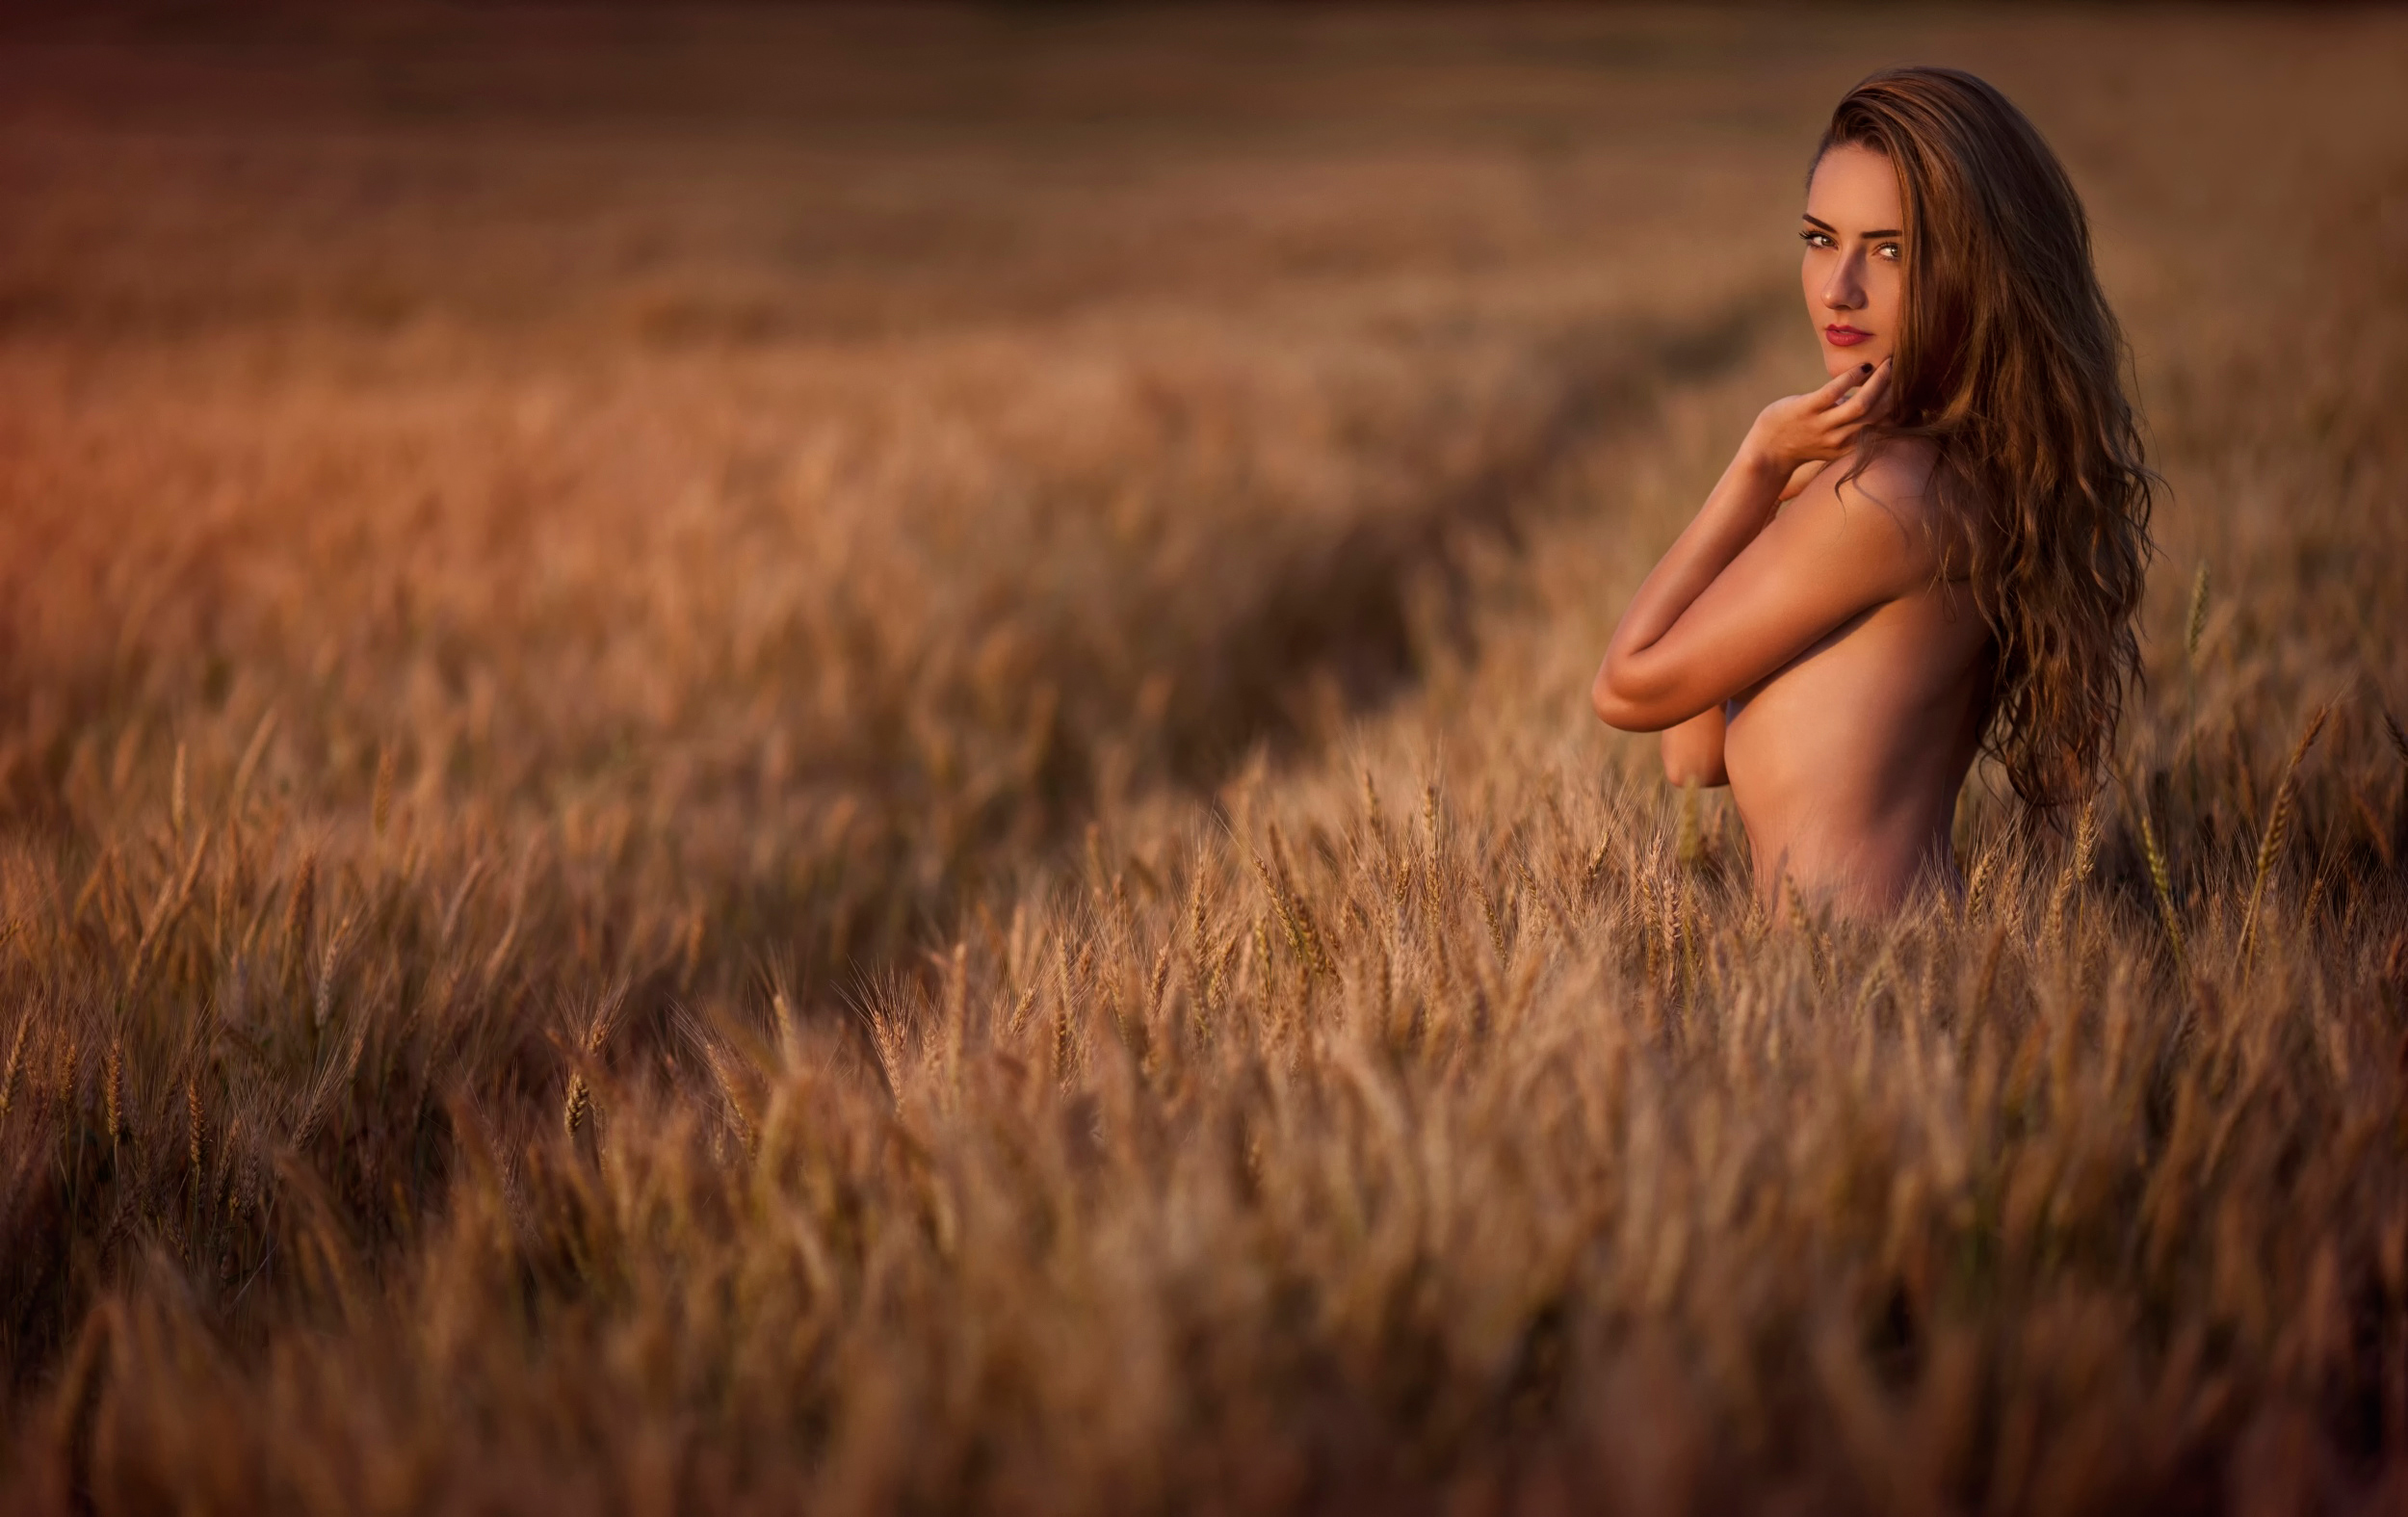 Нежная блондинка гуляет в поле жарким летом и раздевается  439795